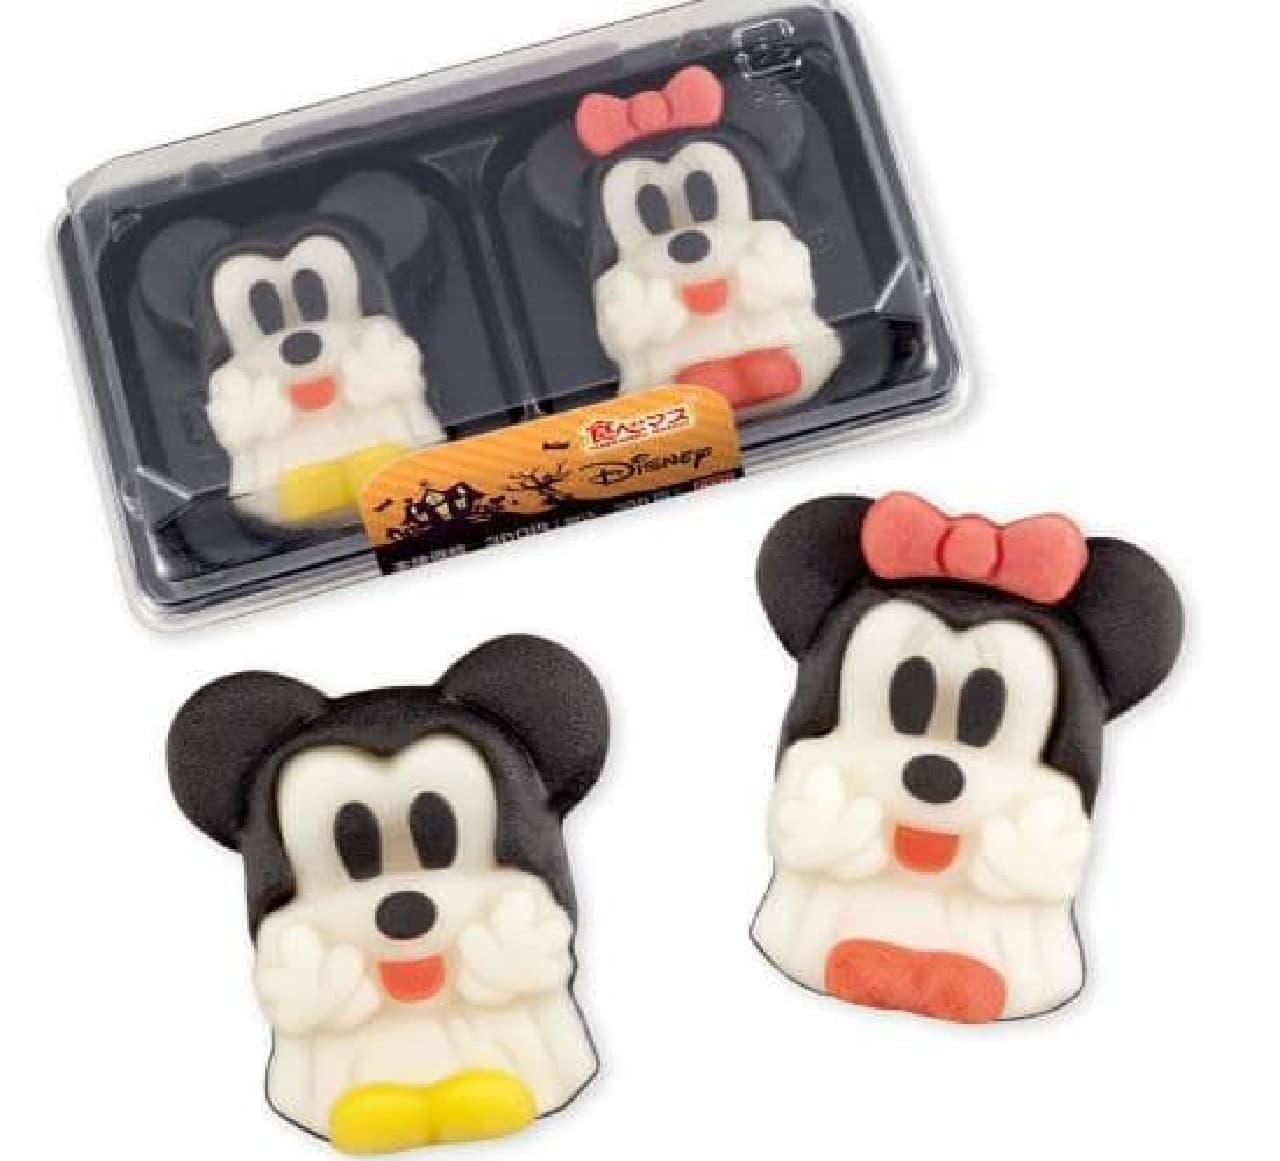 「食べマス Disneyハロウィン」は、ミッキーたちが白の布を纏いお化けに仮装した姿をデザインした和菓子